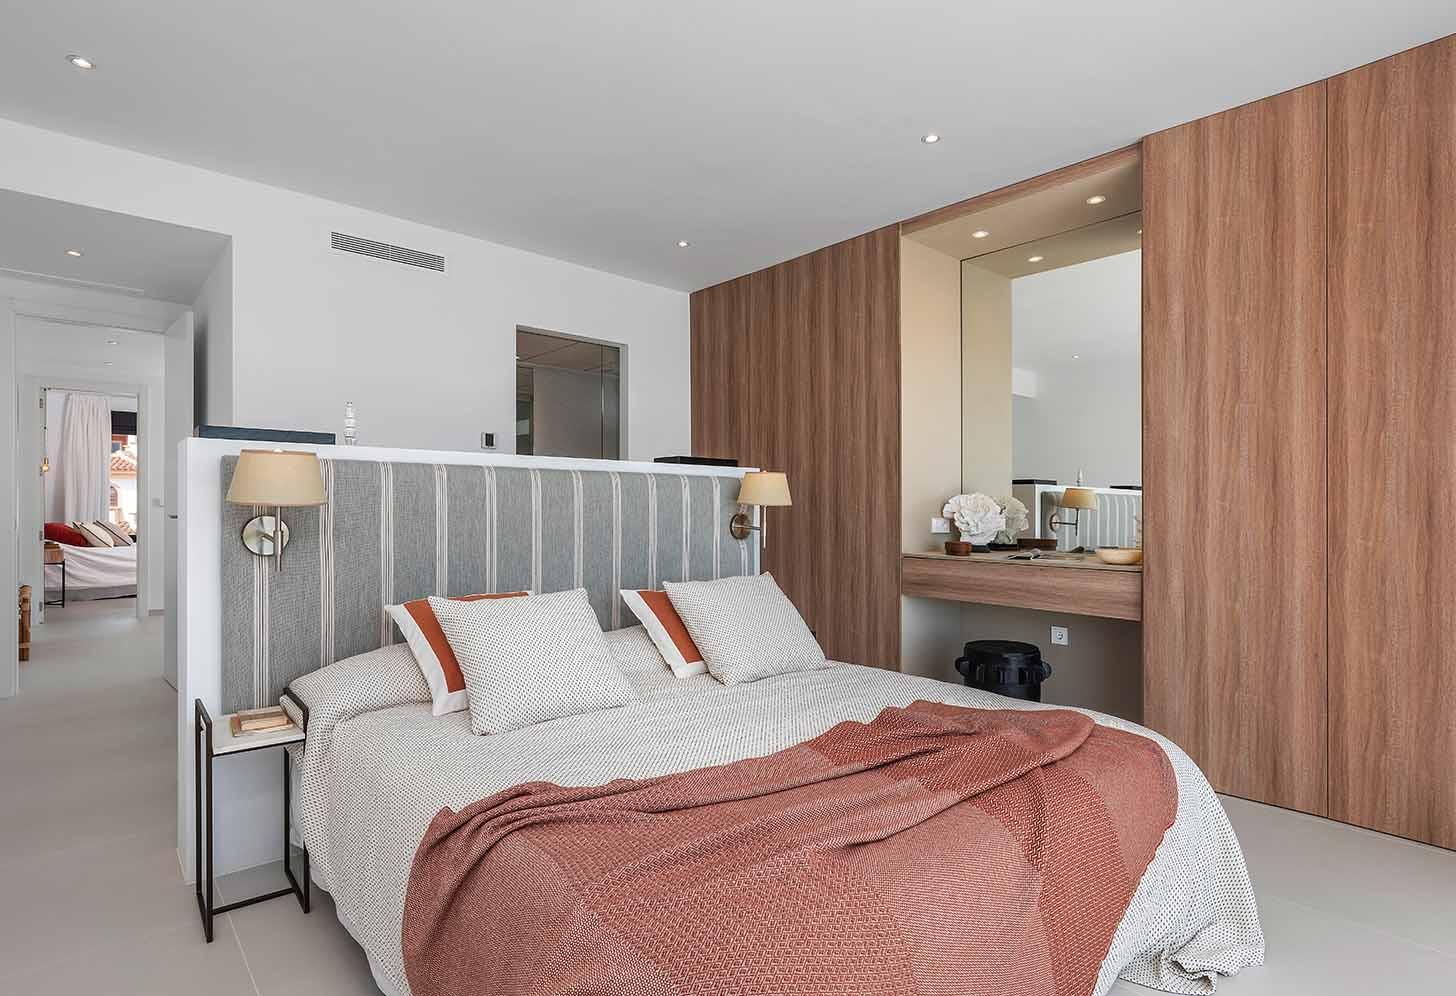 immobilier neuf espagne costa blanca alicante polop chambre